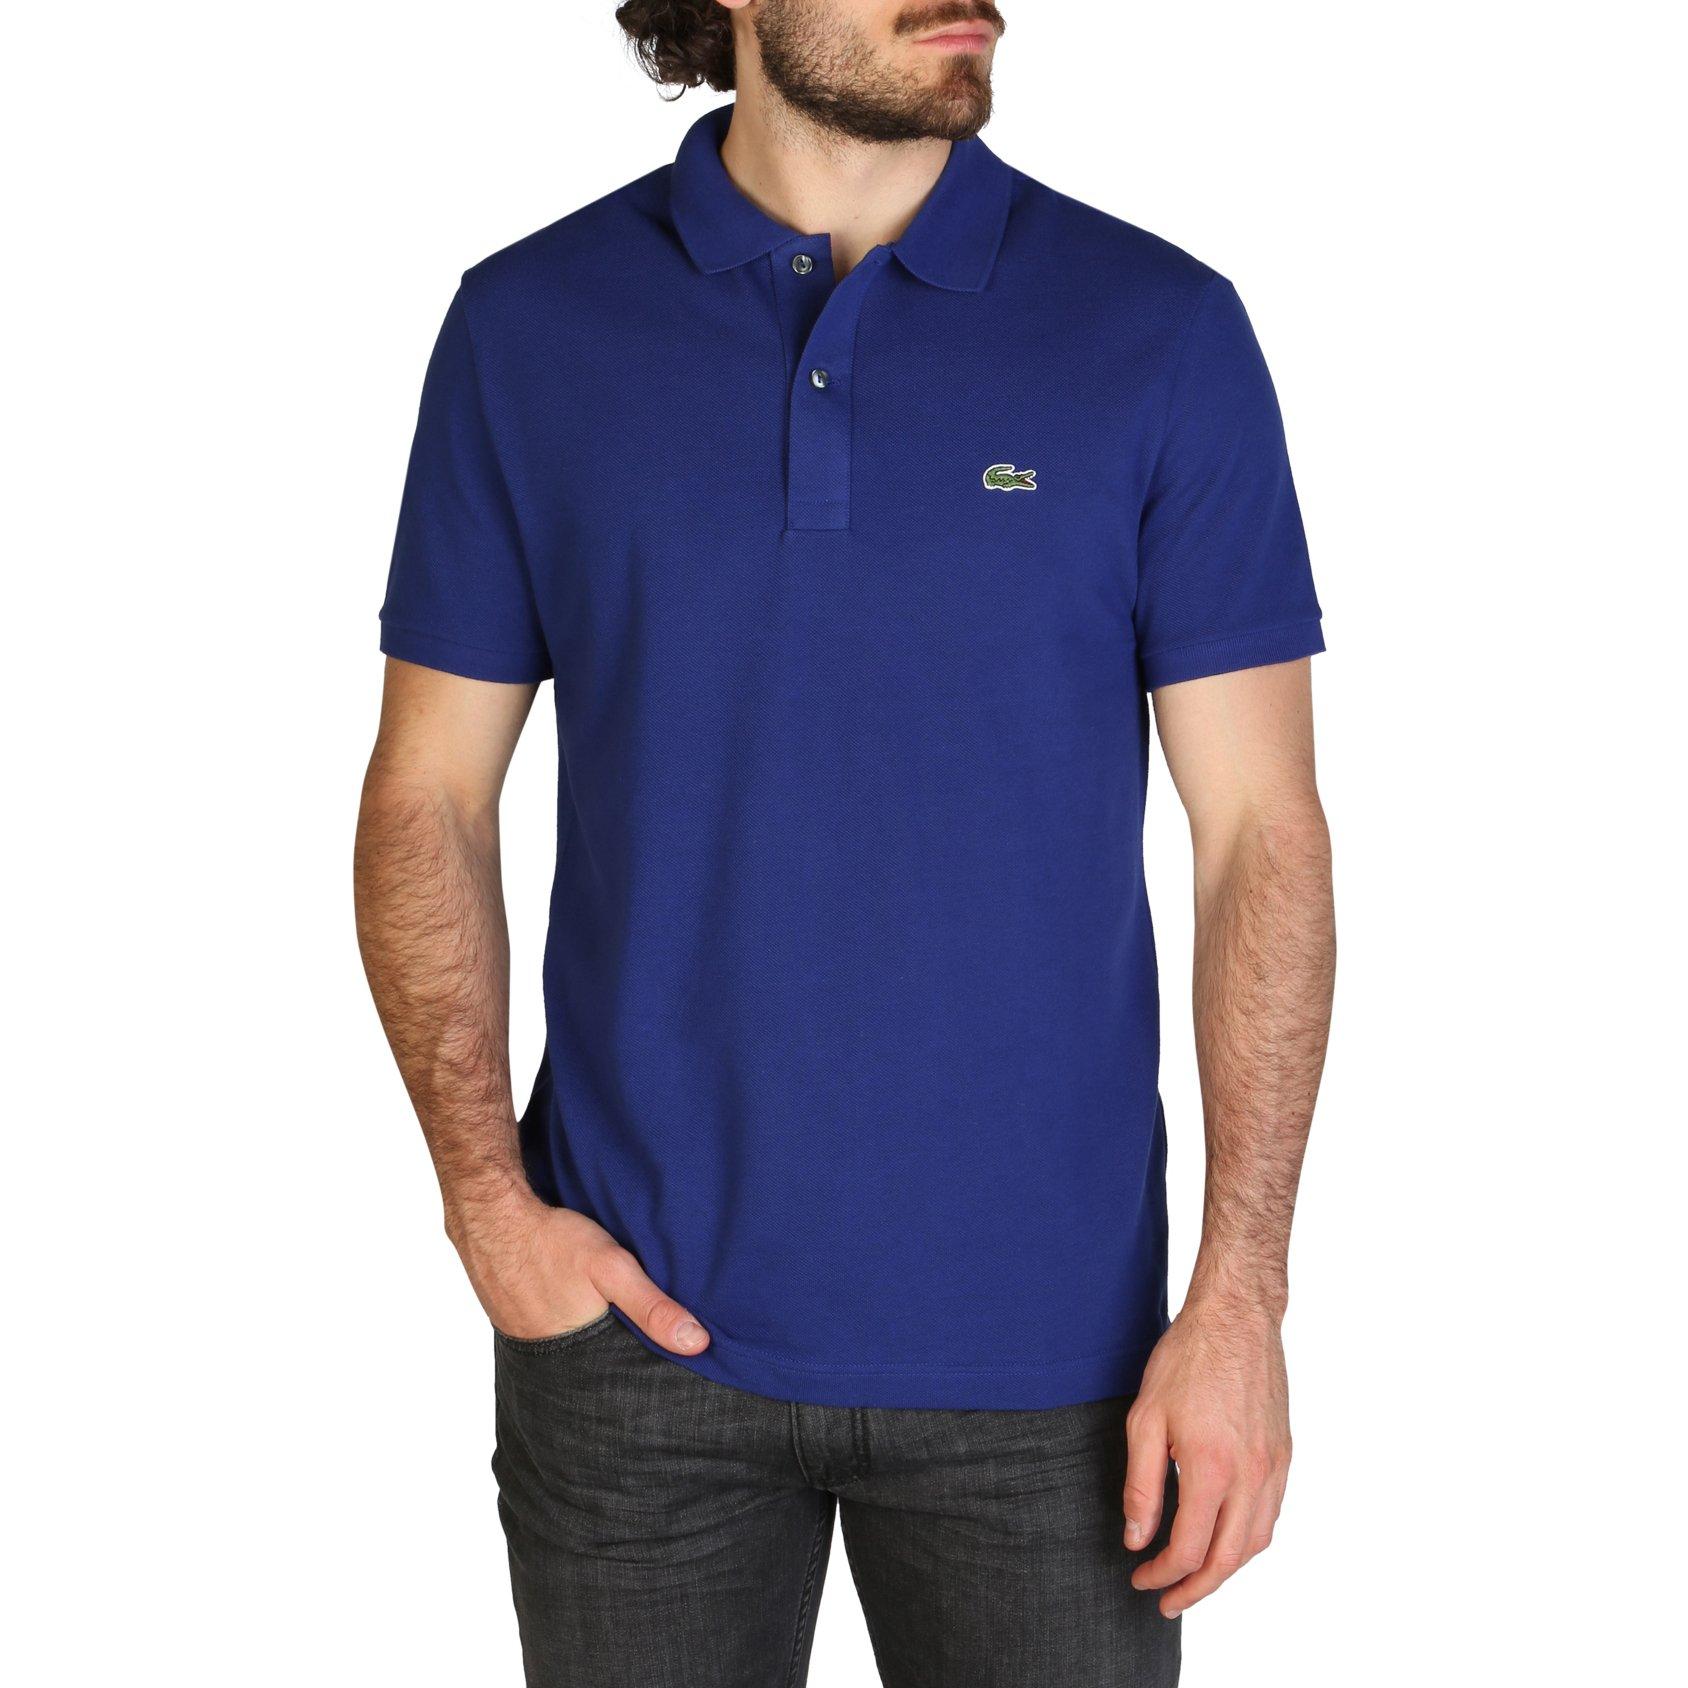 Lacoste Men's Polo Shirt Various Colours PH4012_SLIM - blue-1 S